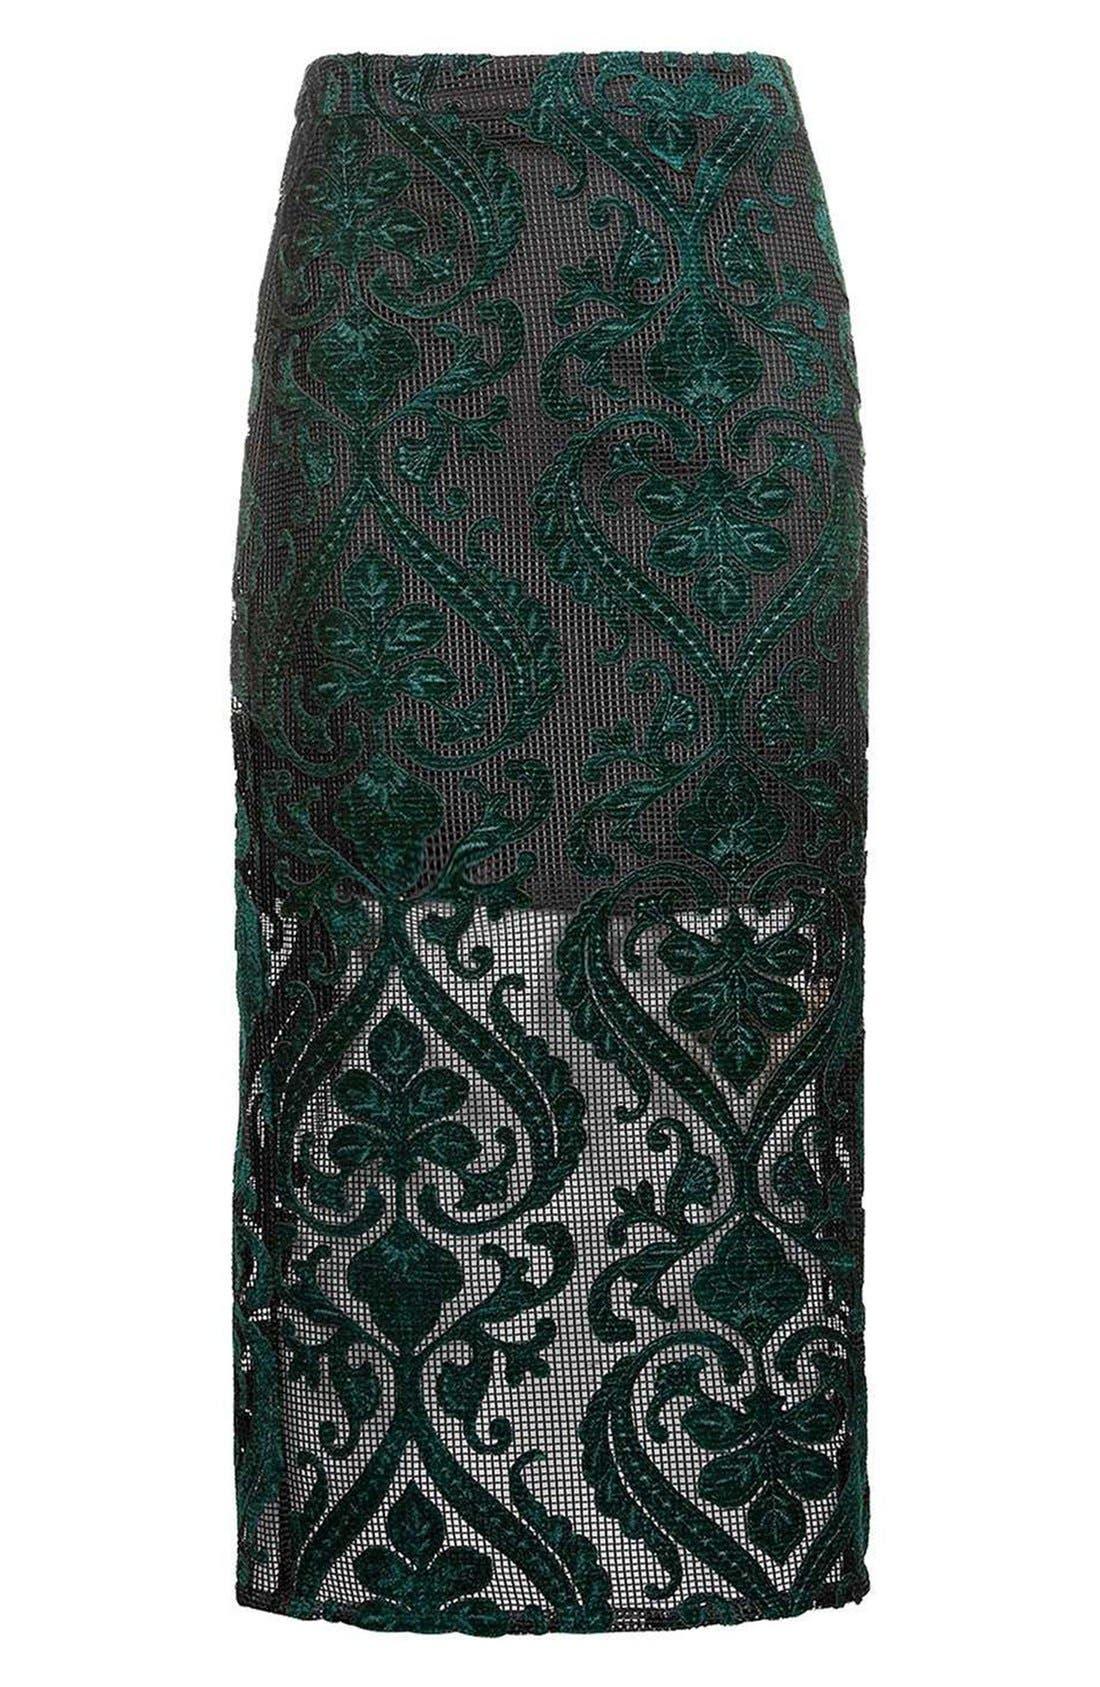 TOPSHOP, Velvet Mesh Pencil Skirt, Alternate thumbnail 4, color, 301